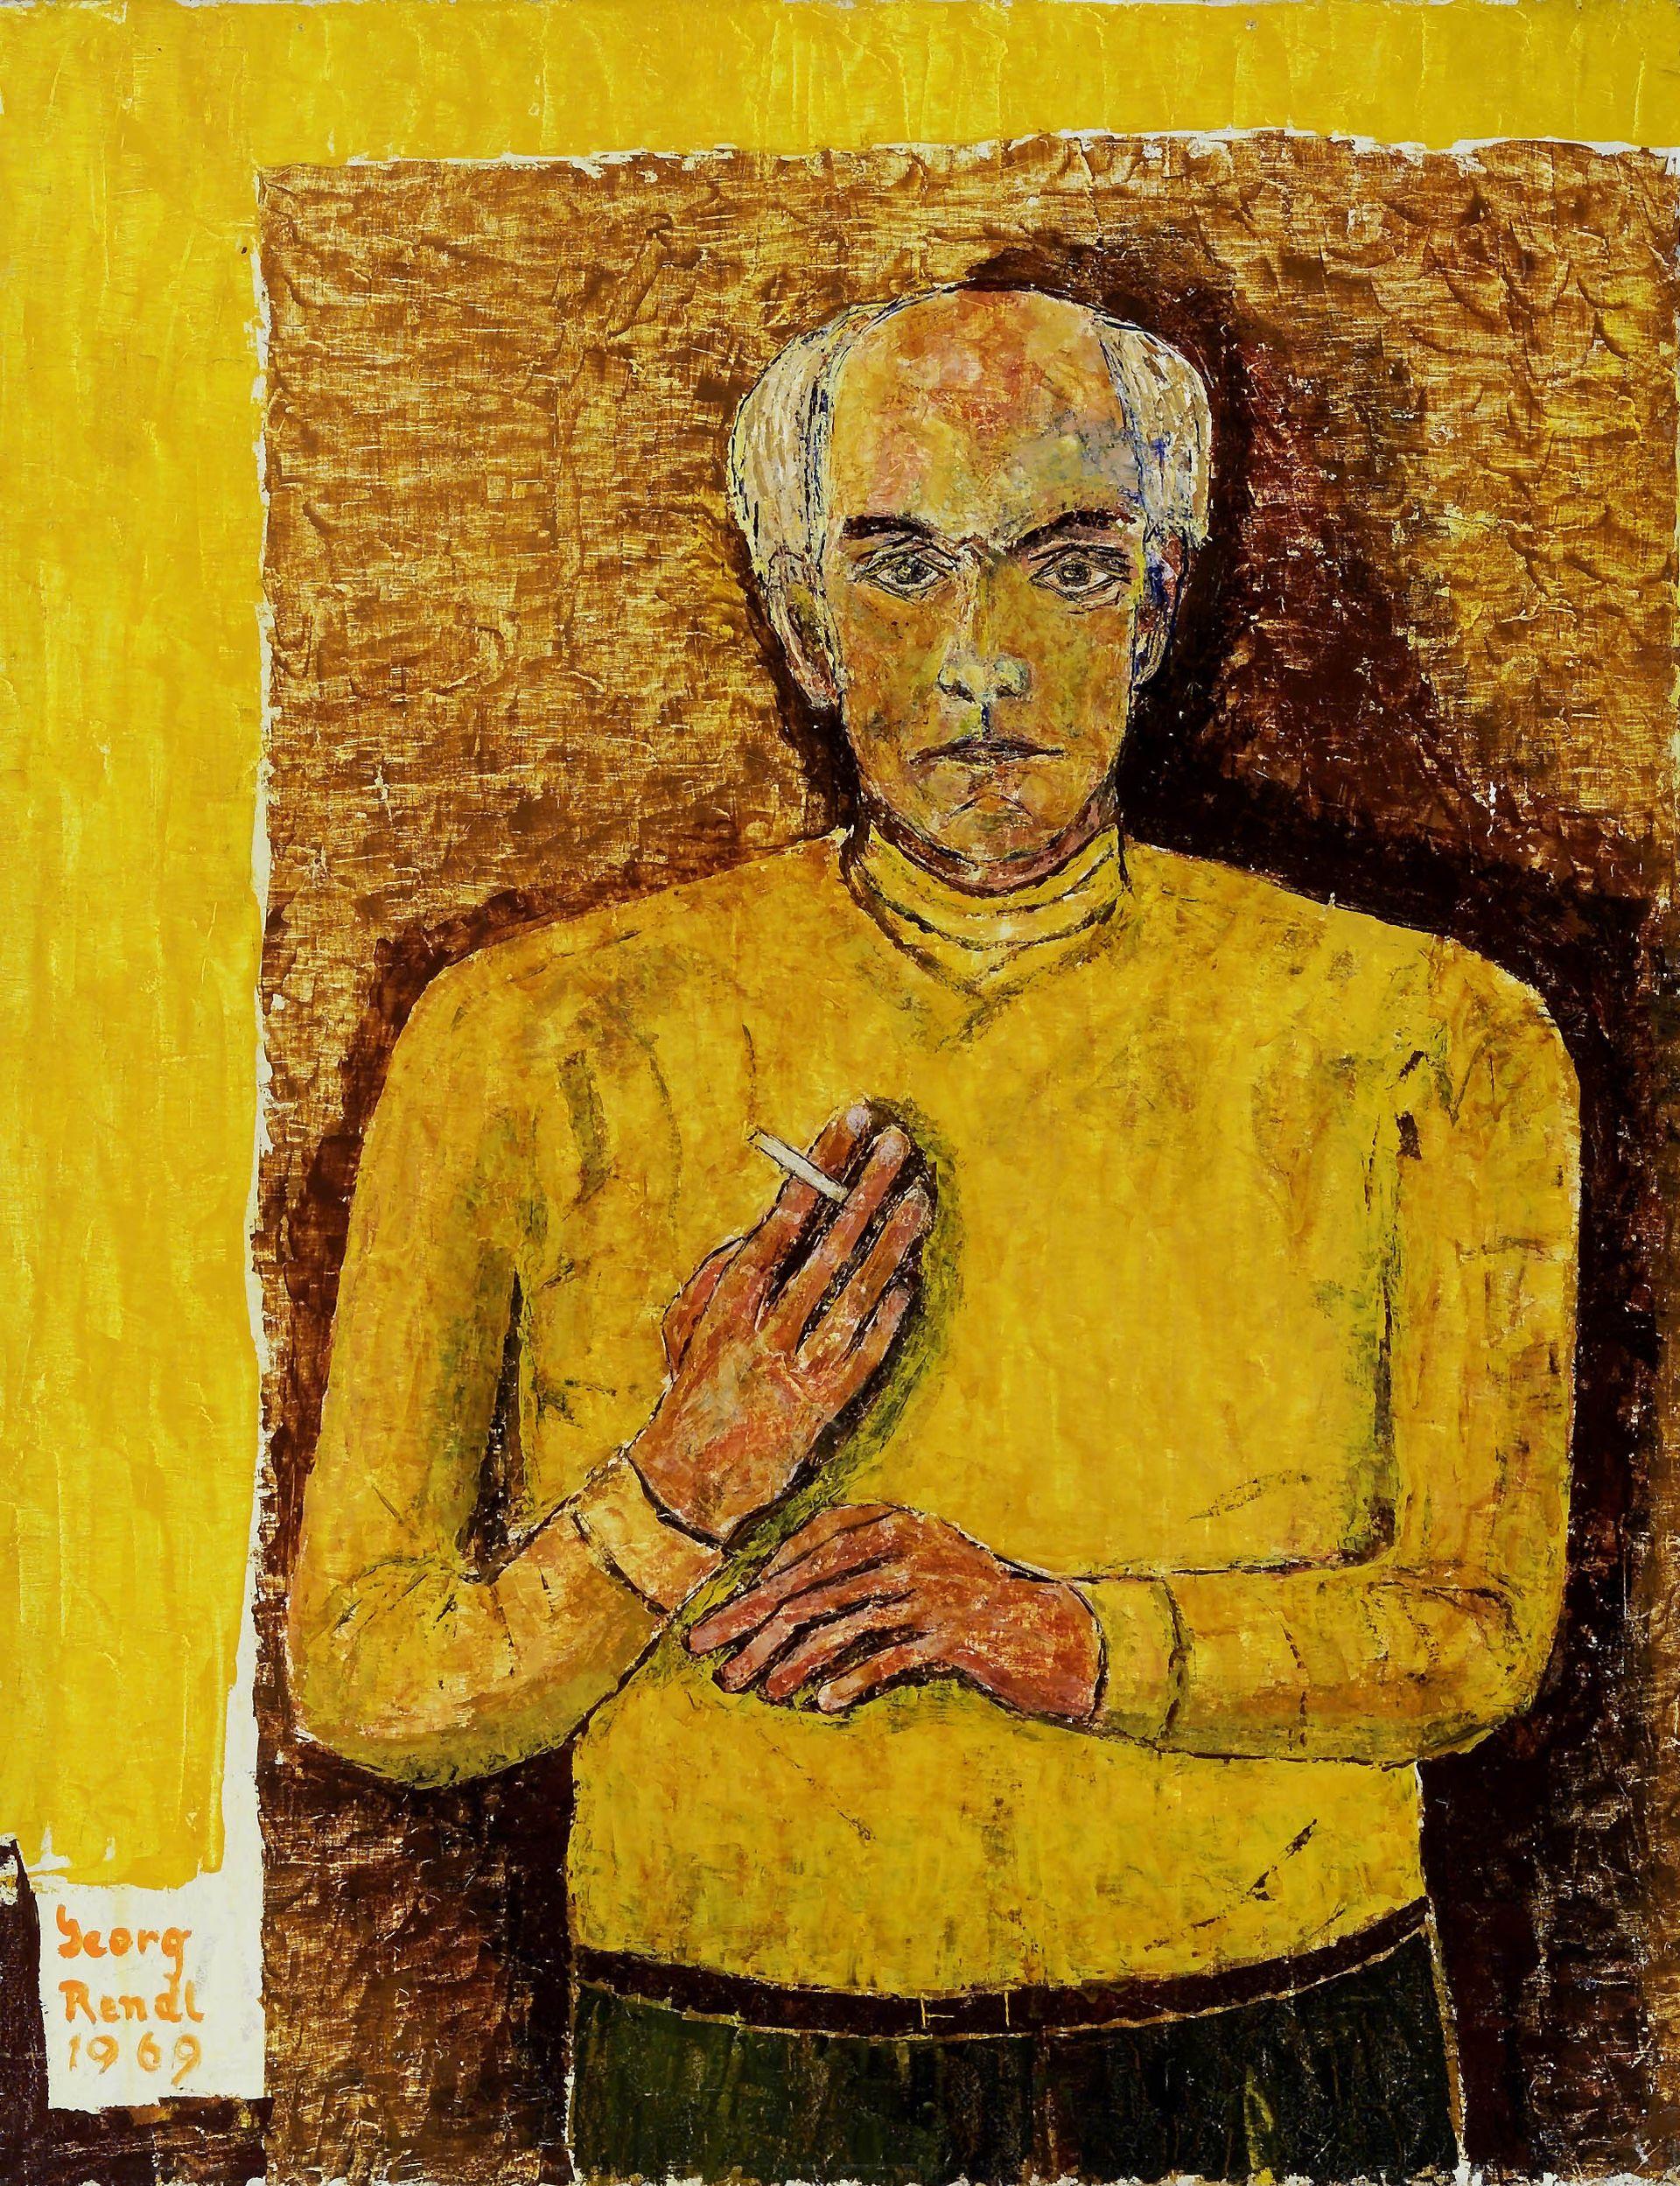 Gemälde: Selbstportrait mit Zigarette von Georg Rendl